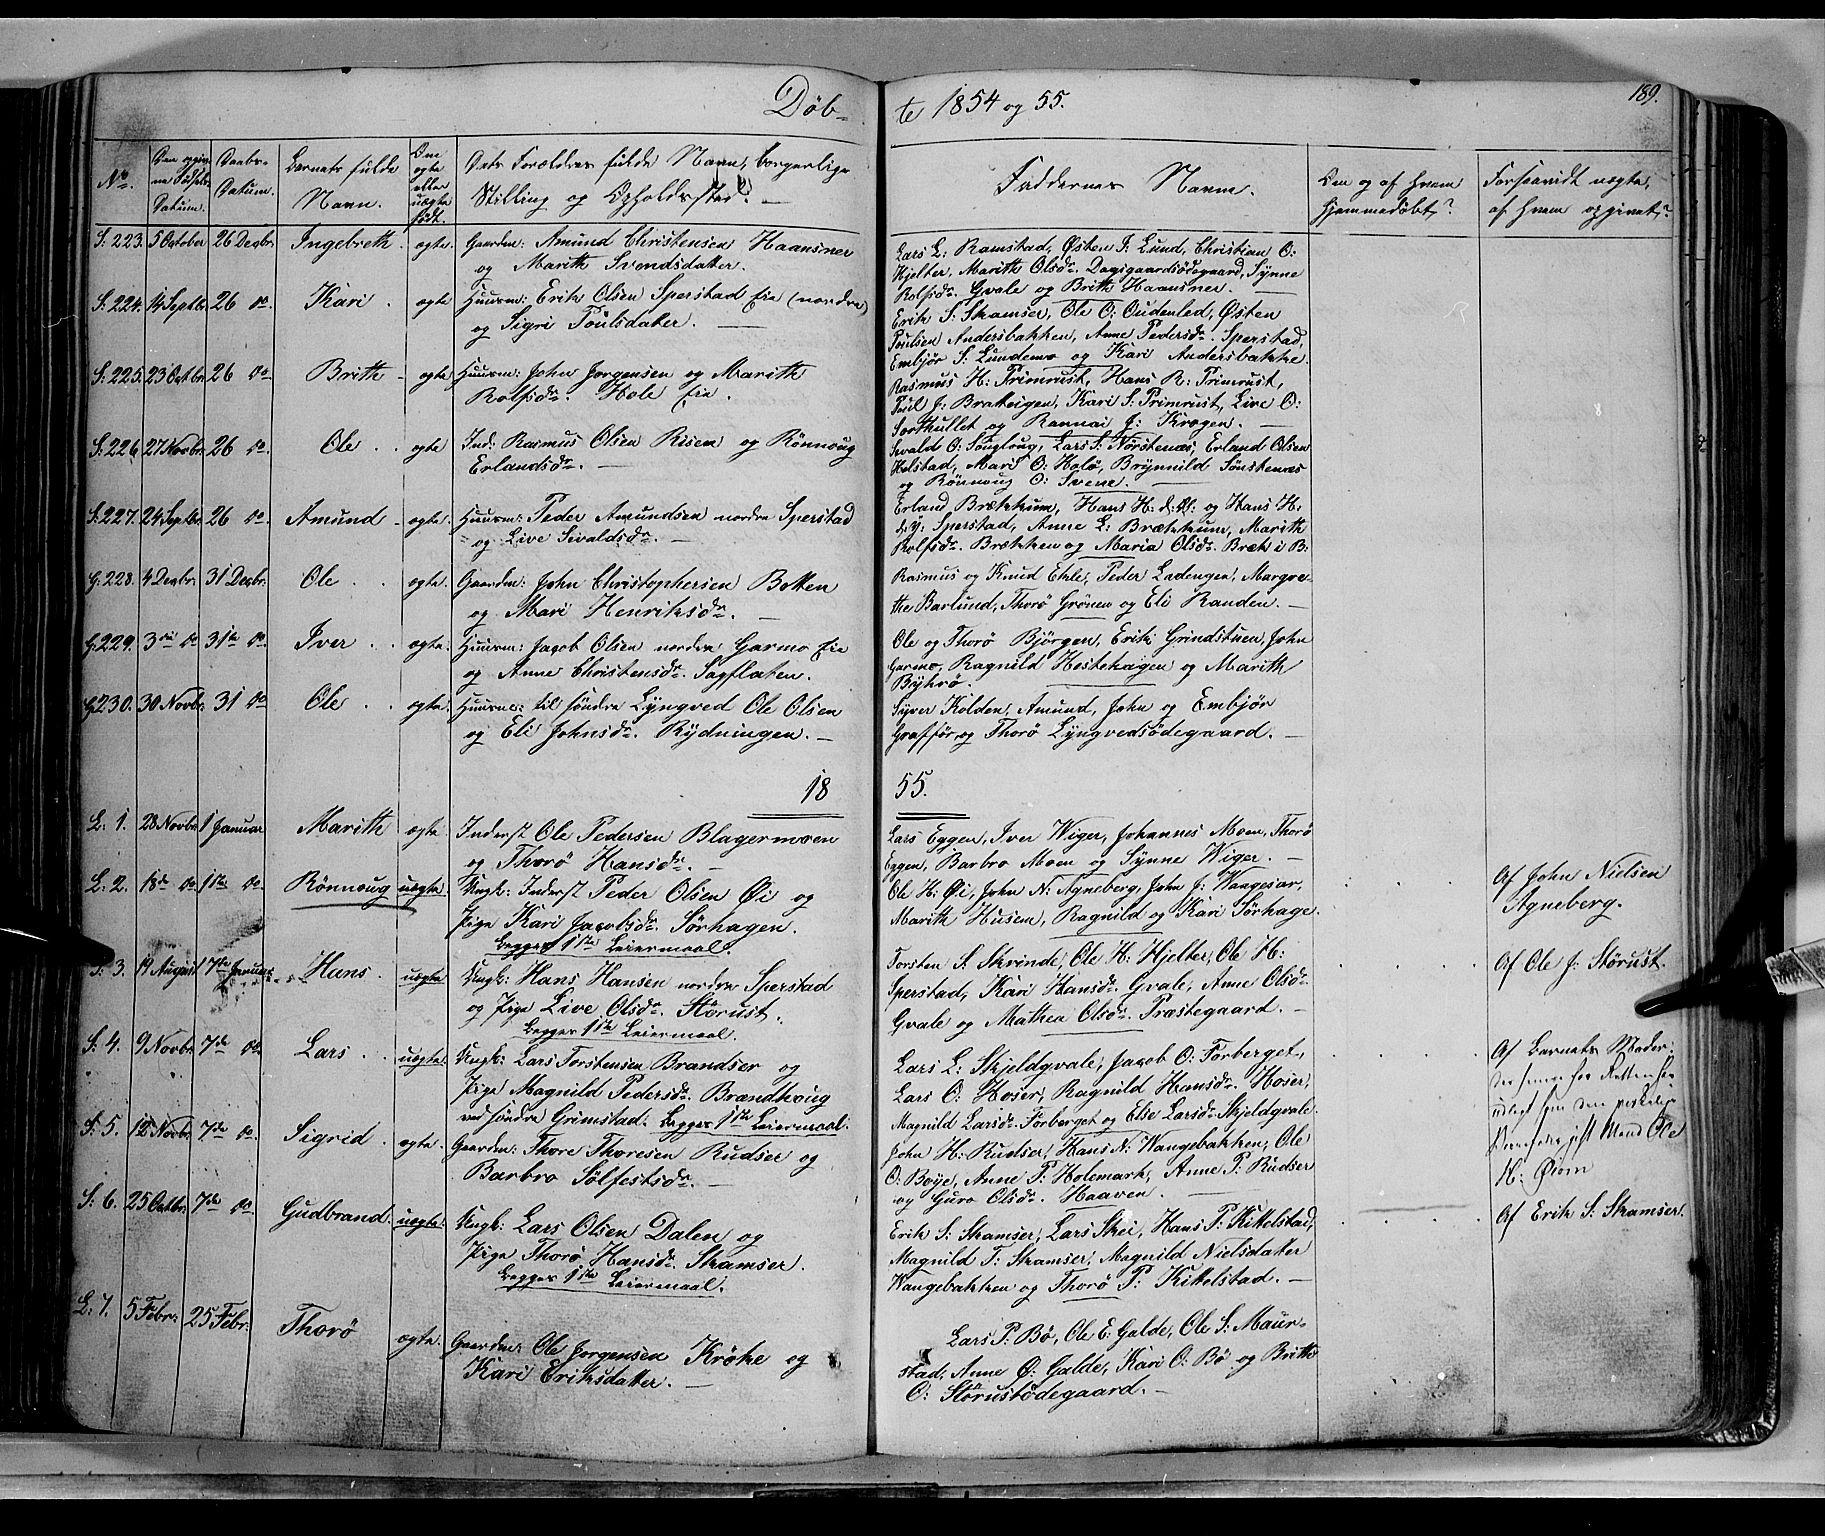 SAH, Lom prestekontor, K/L0006: Ministerialbok nr. 6A, 1837-1863, s. 189